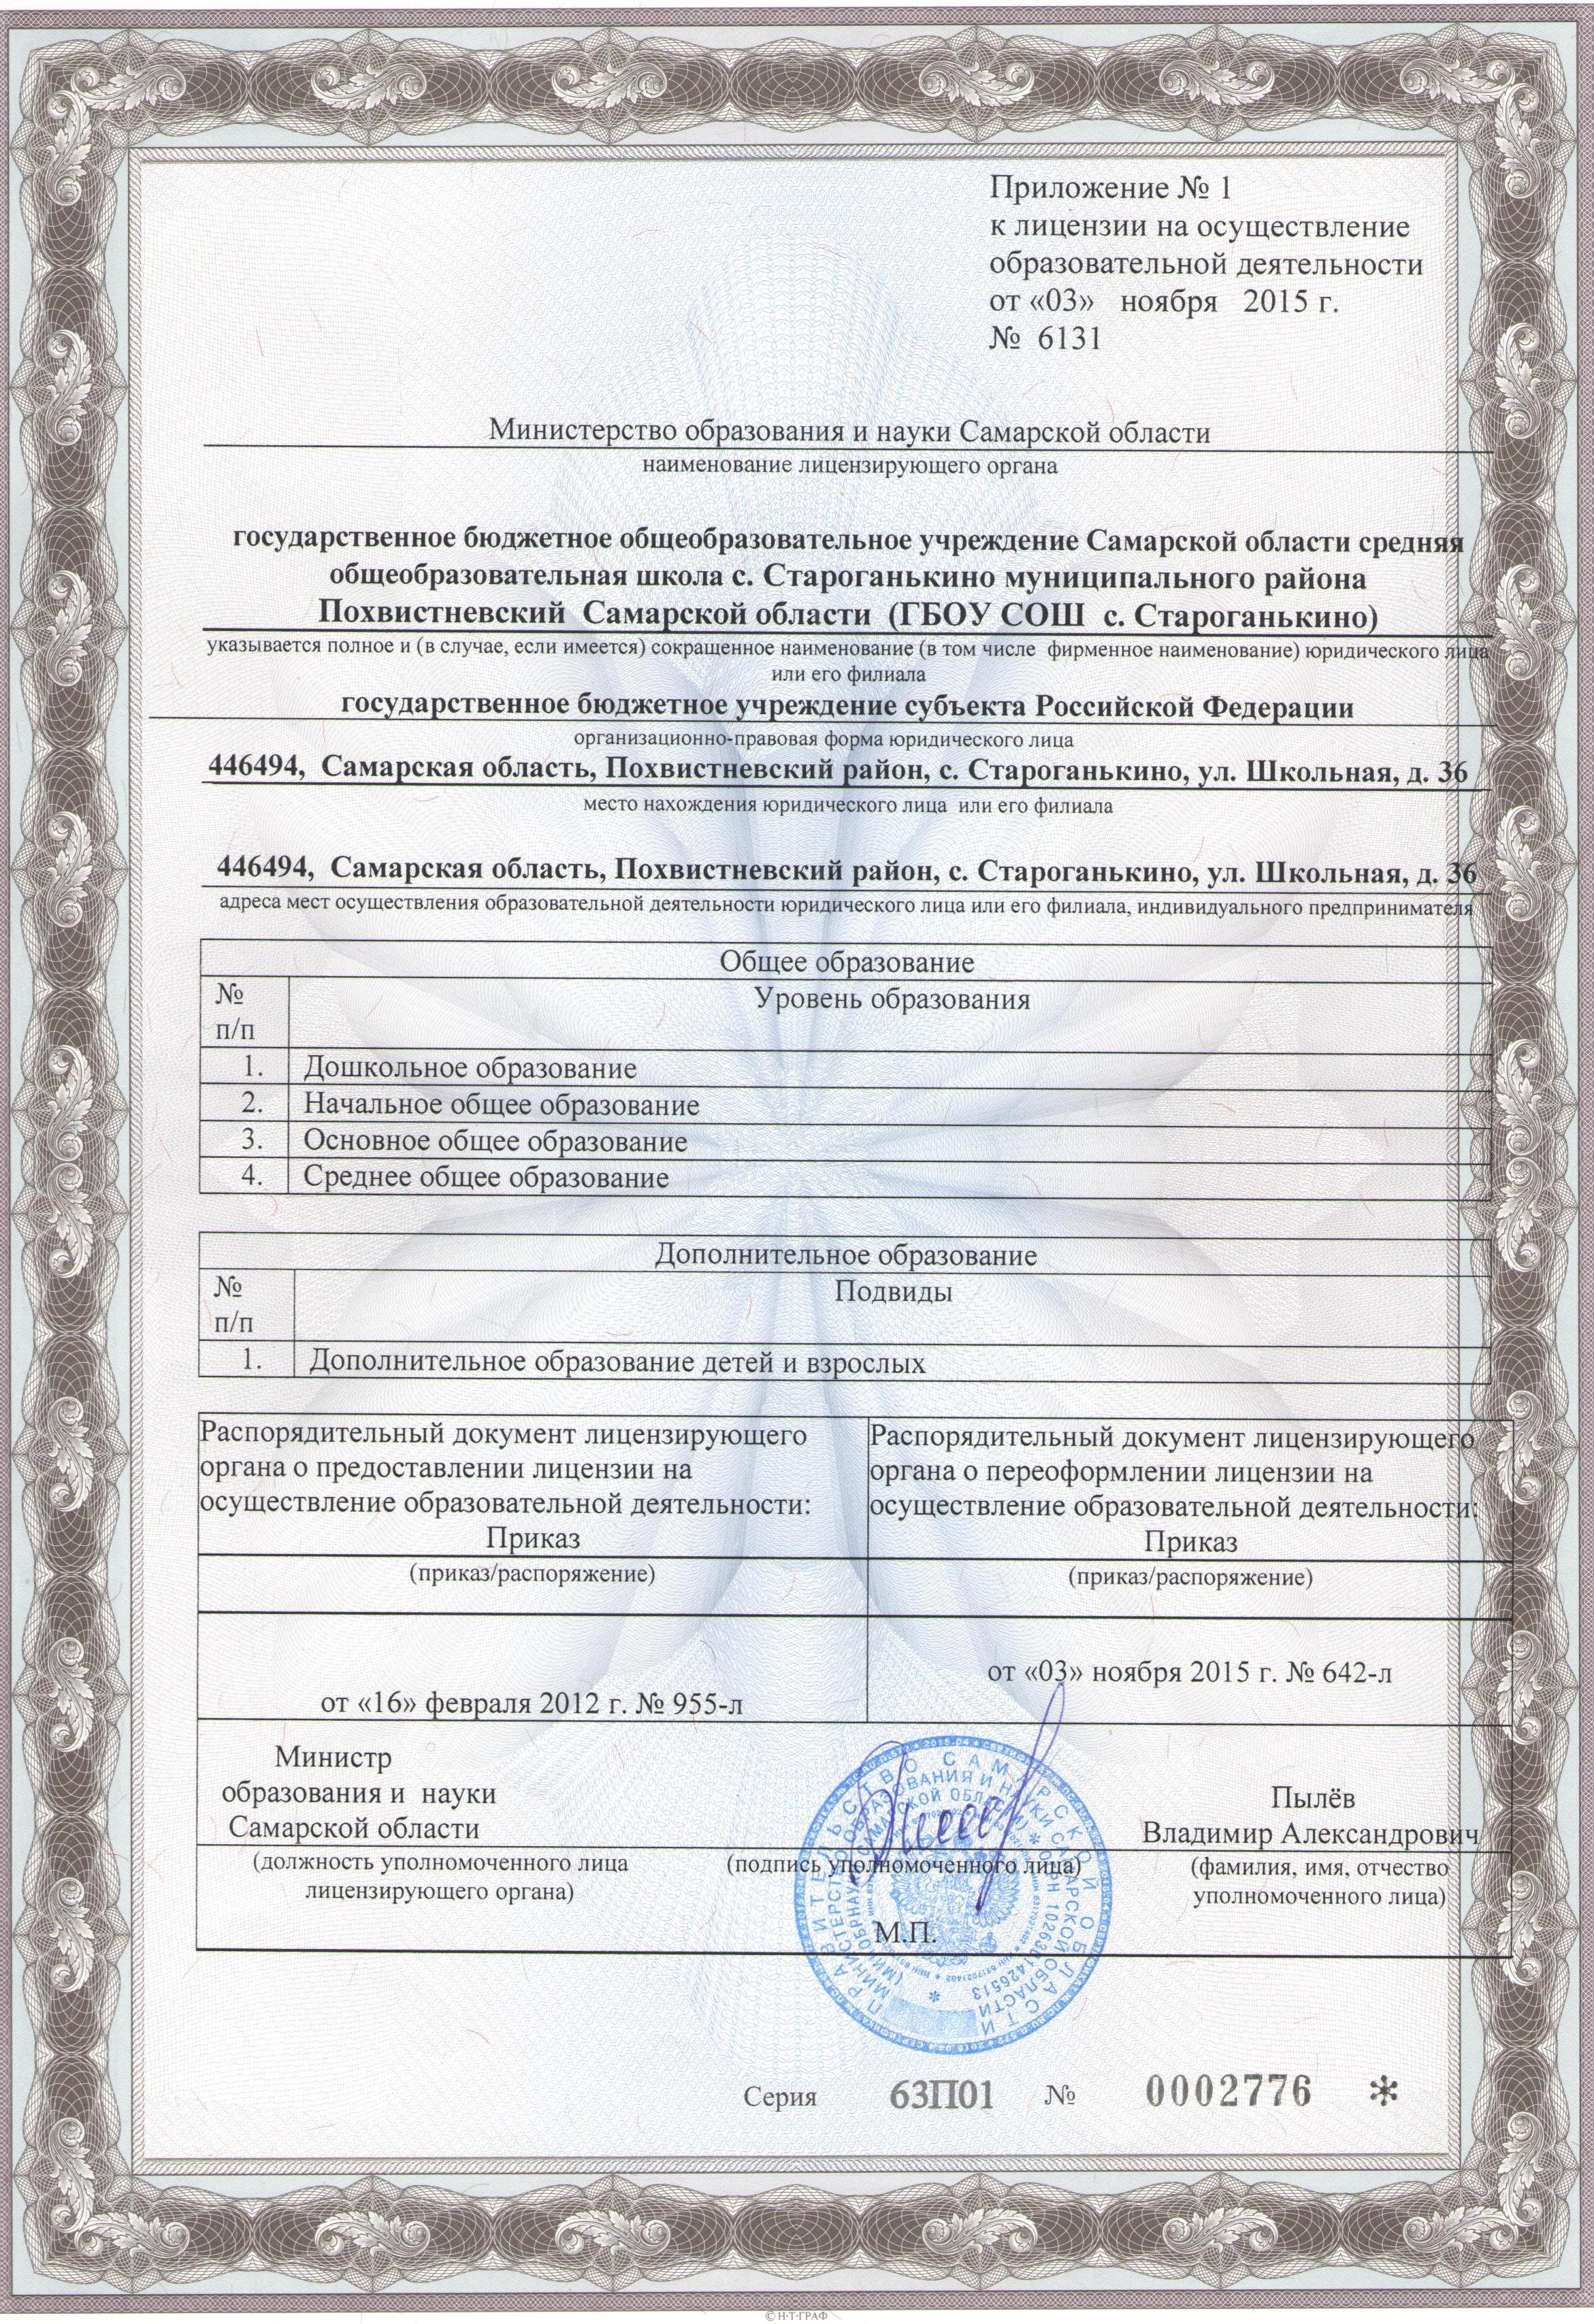 документы филиала юридического лица